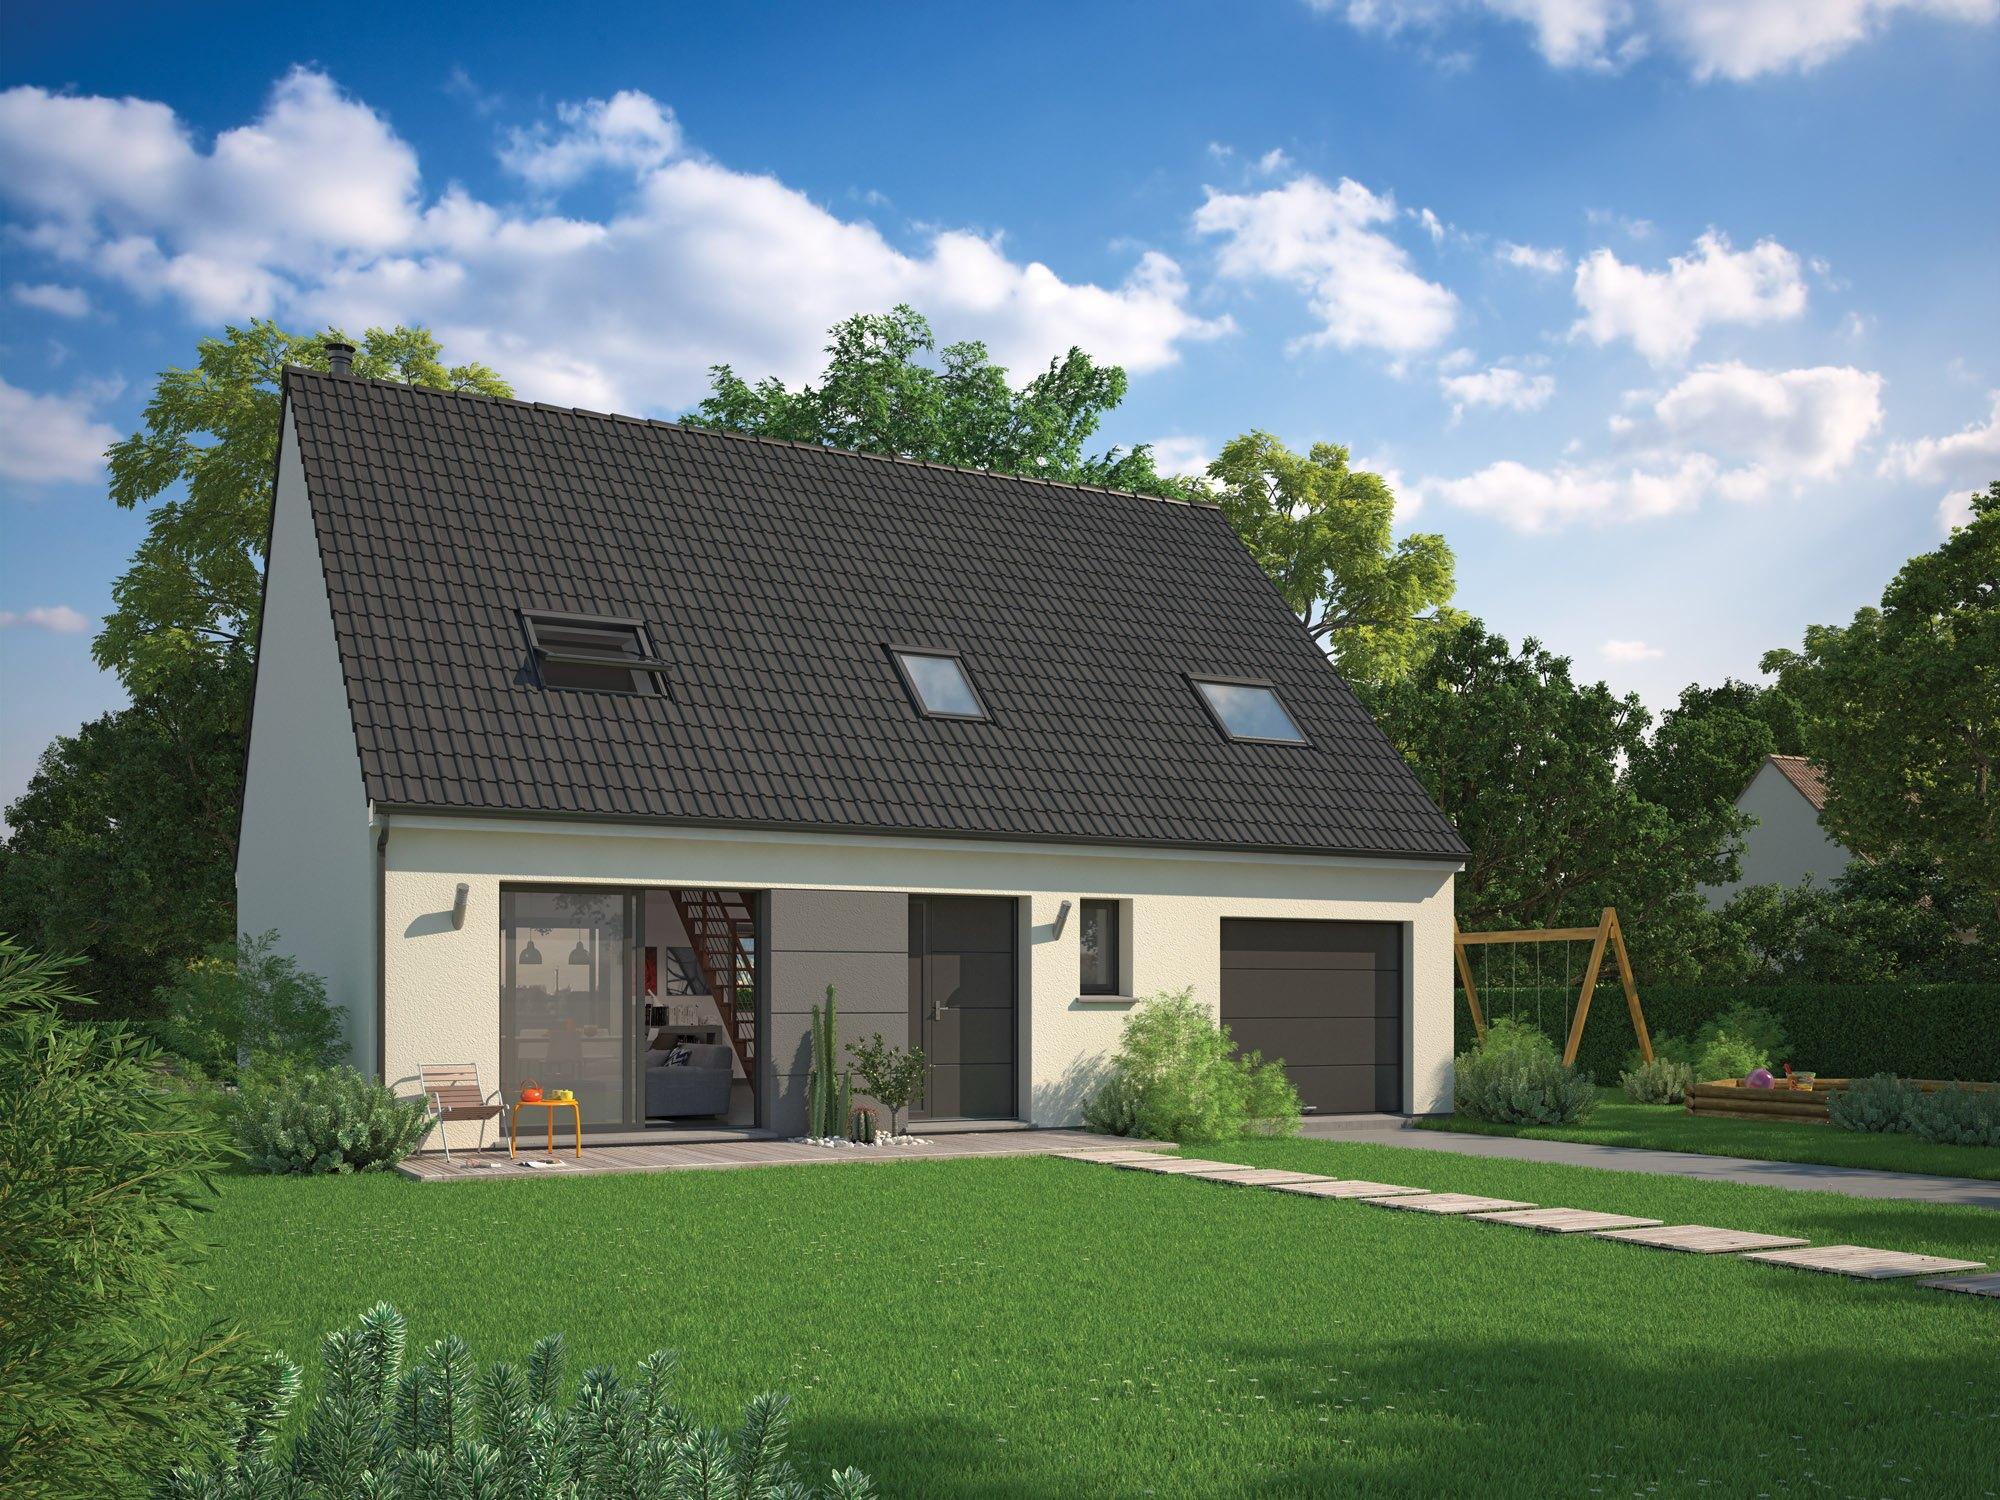 Maisons + Terrains du constructeur MAISON FAMILIALE • 100 m² • VILLIERS ADAM